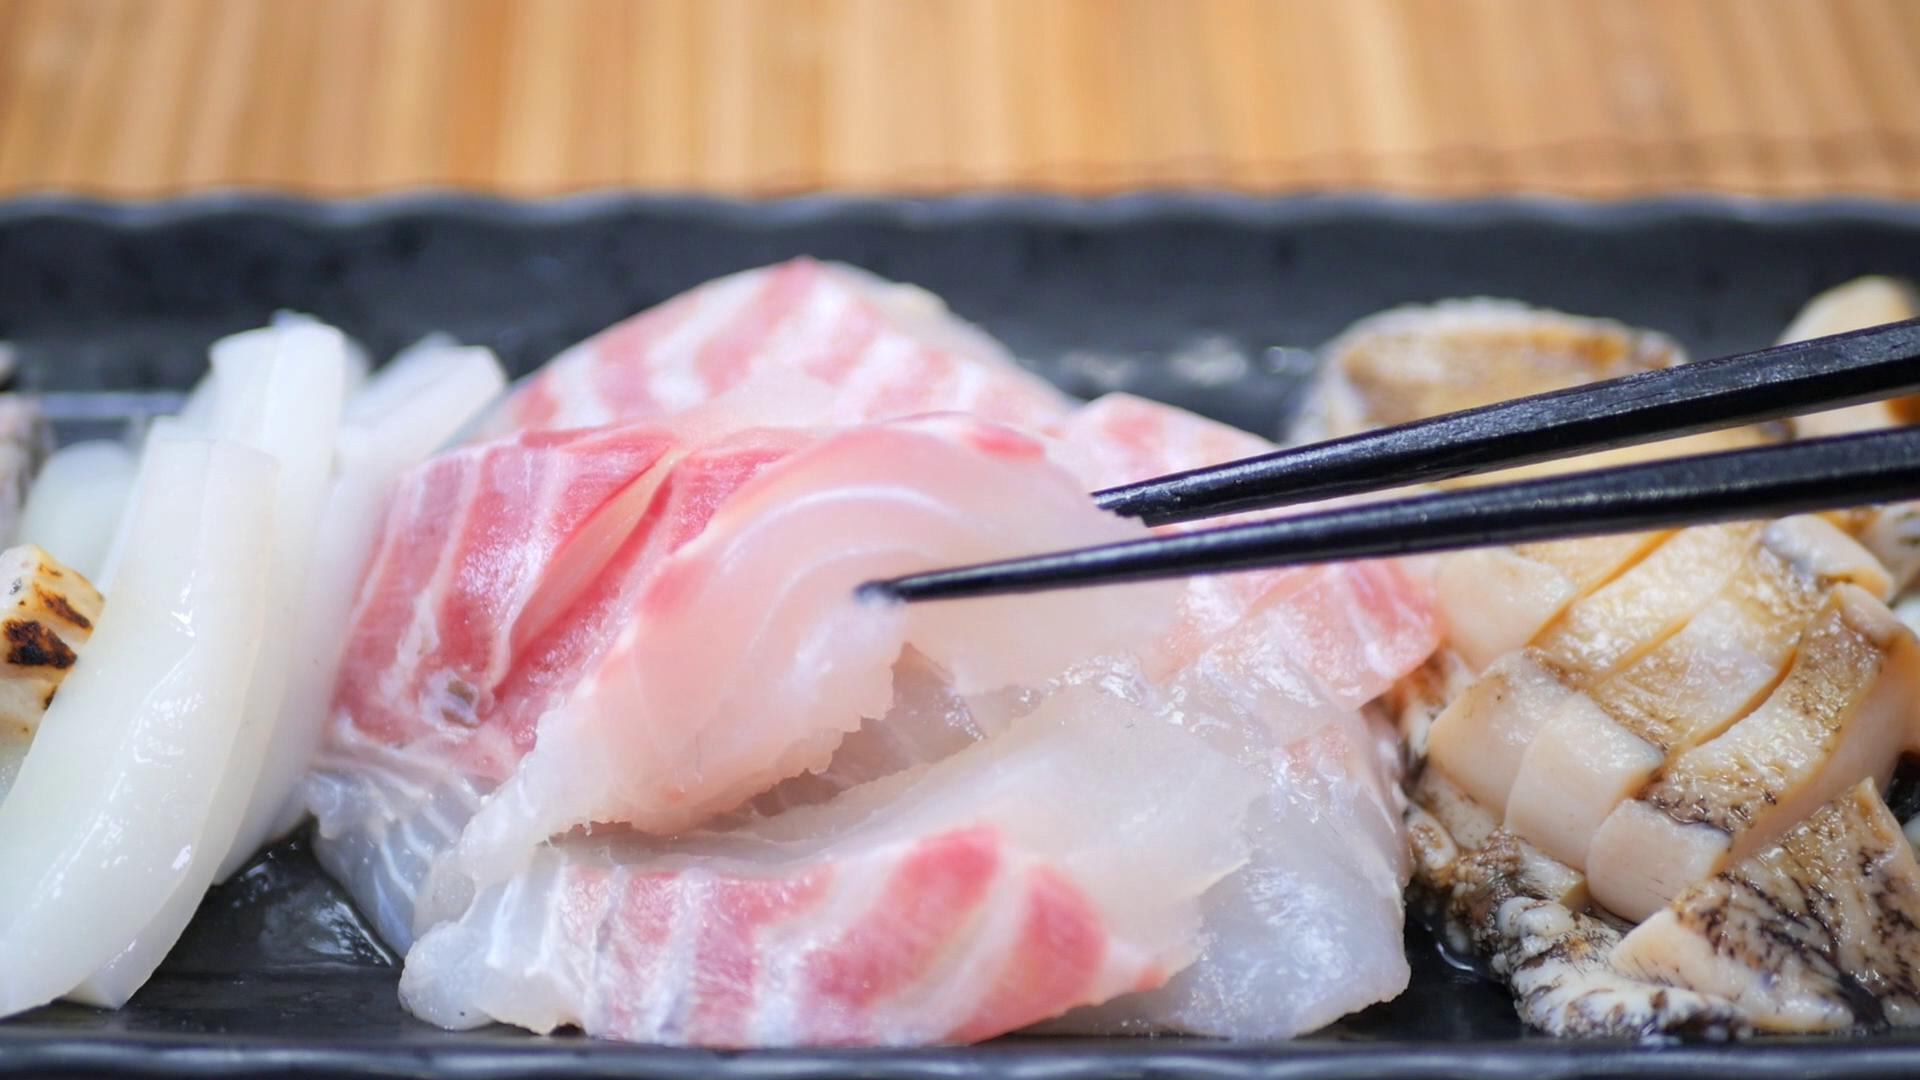 今が旬のおいしい鯛!塩焼きでも刺身でも何でもお好きなように食べてOKな新鮮さ抜群でした